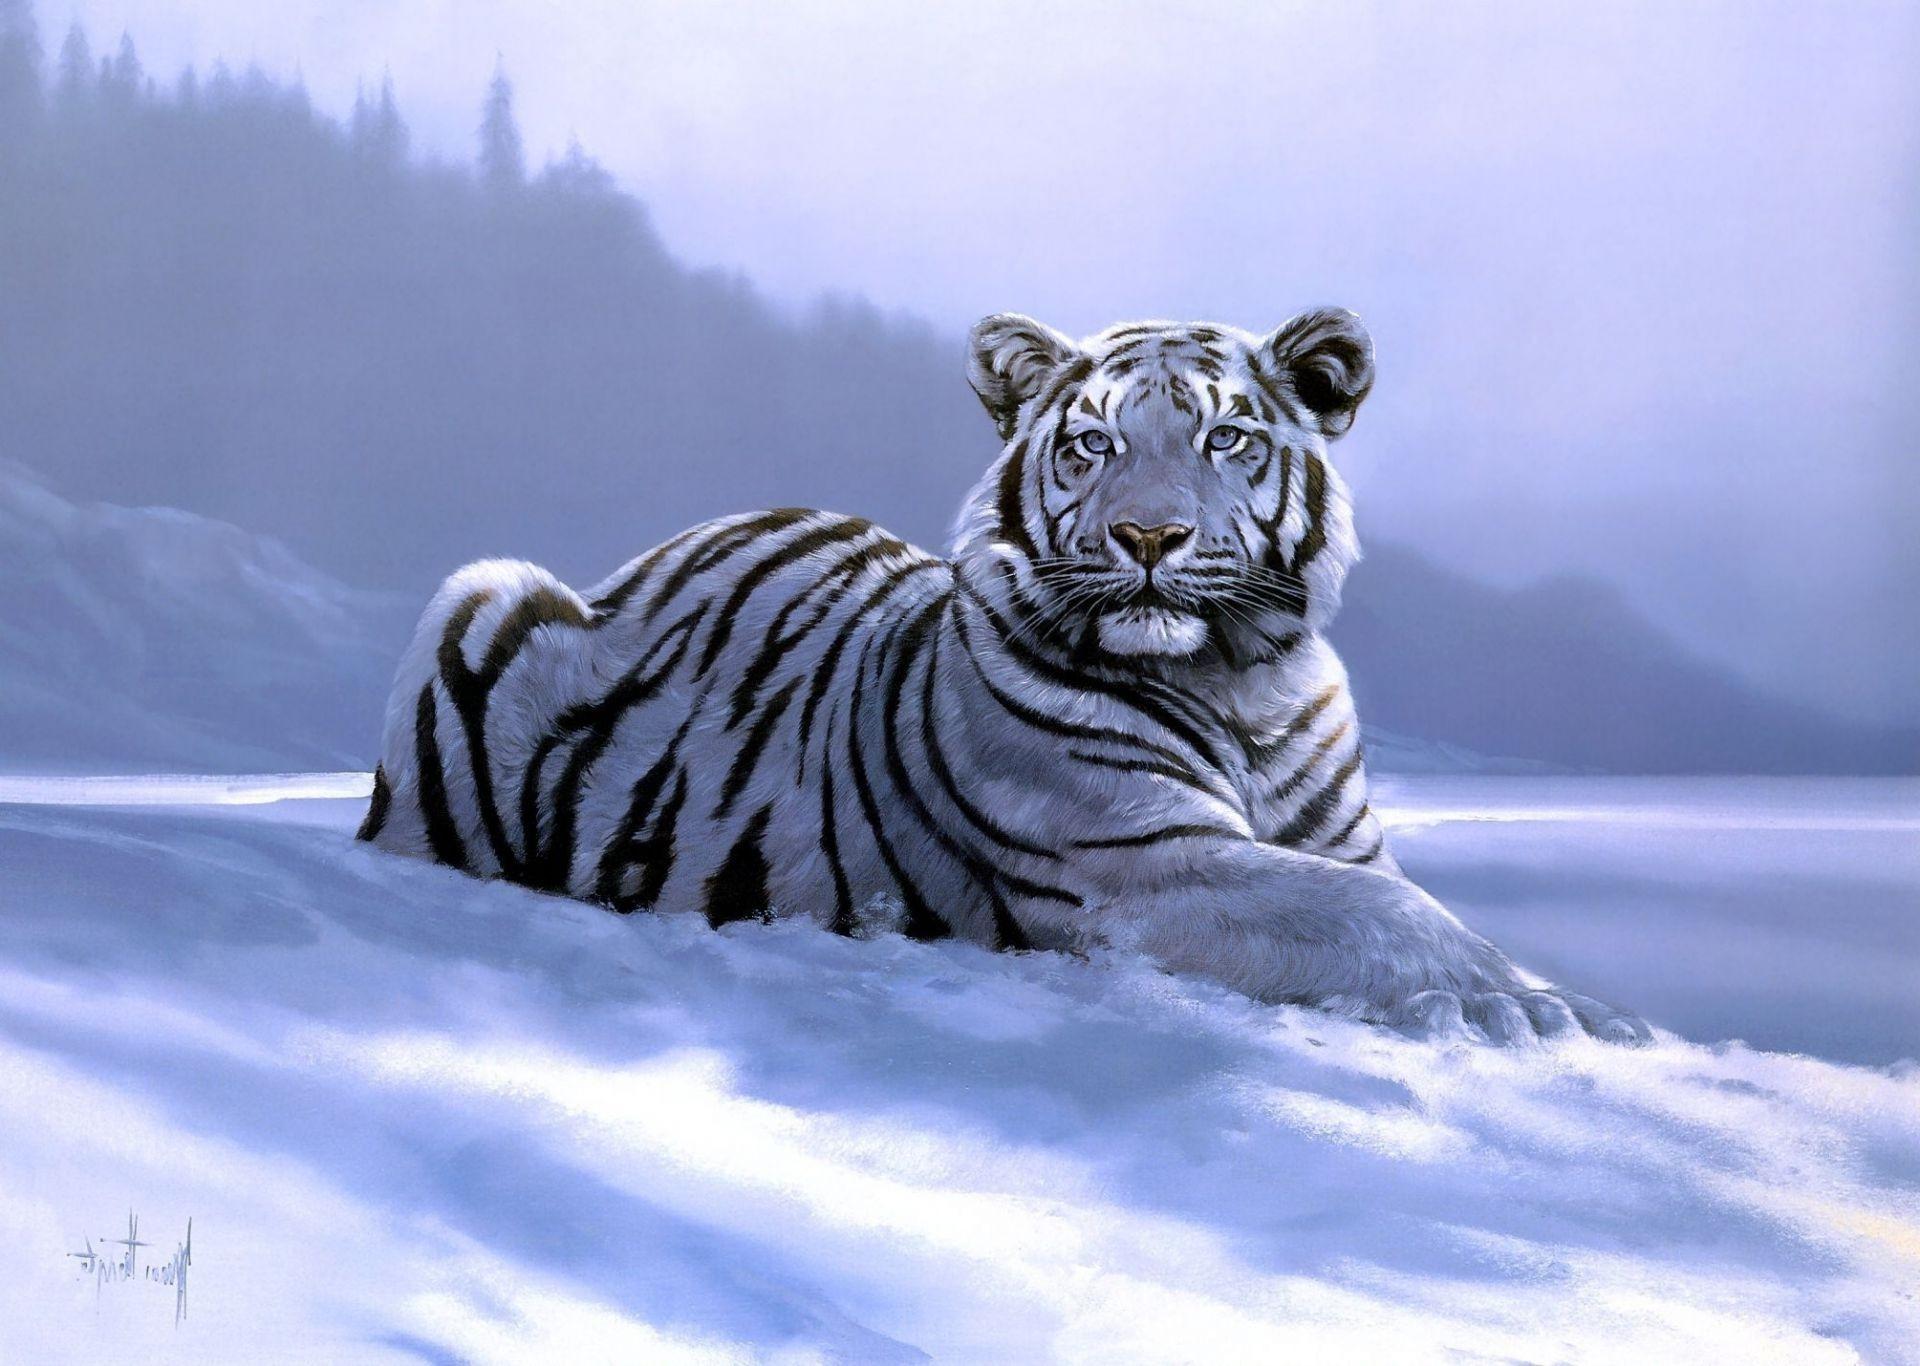 белый тигр на снегу  № 988891 бесплатно